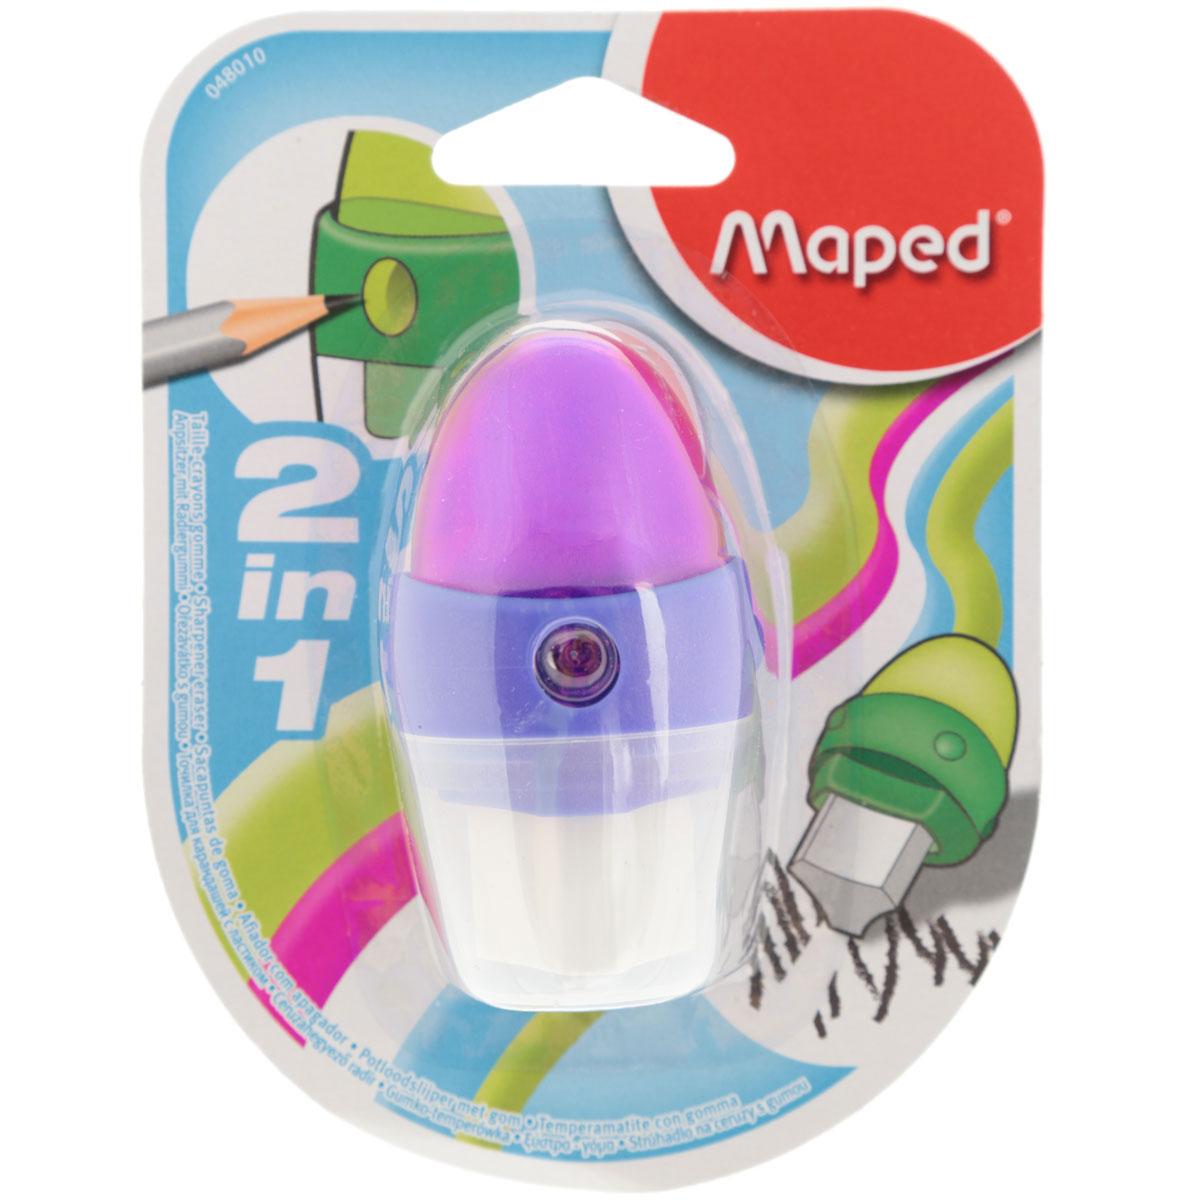 Точилка Maped Astro, с ластиком, цвет: фиолетовый146507Удобная точилка в пластиковом корпусе с крышкой Maped предназначена для затачивания карандашей. Острое стальное лезвие обеспечивает высококачественную и точную заточку. Карандаш затачивается легко и аккуратно, а опилки после заточки остаются в специальном контейнере.Точилка снабжена ластиком, закрывающимся колпачком.